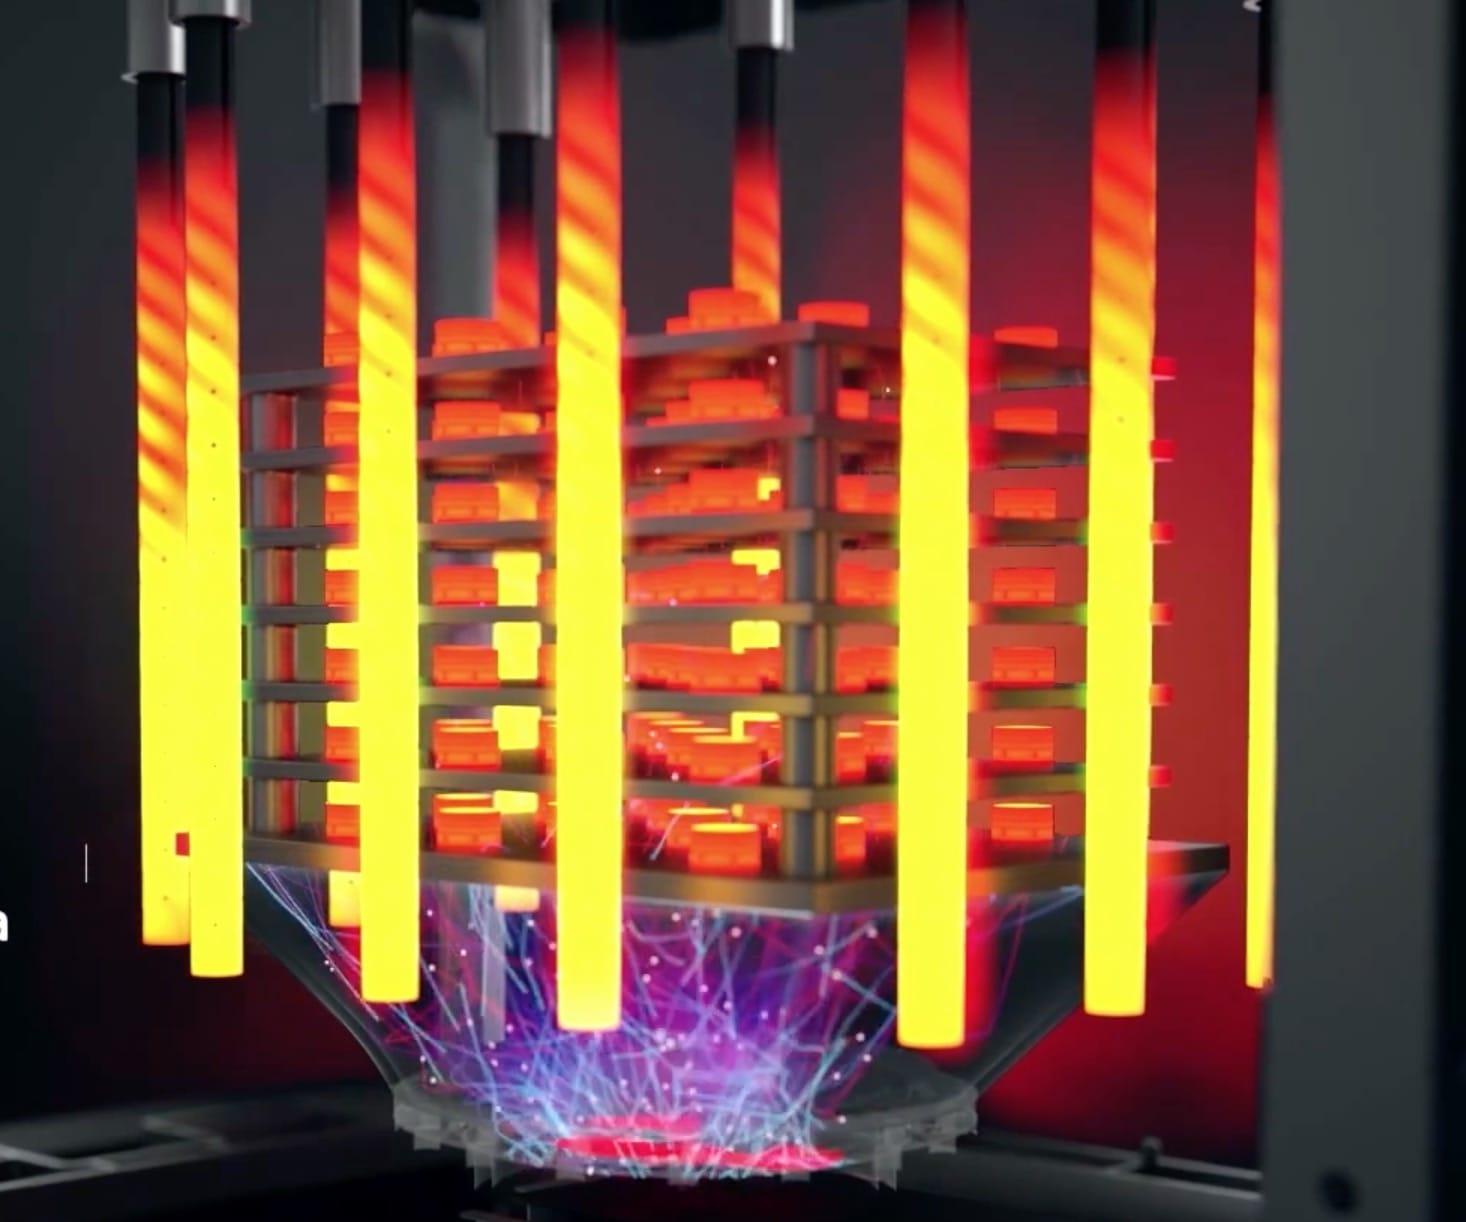 Desktop Metal's hybrid heat / microwave sintering furnace